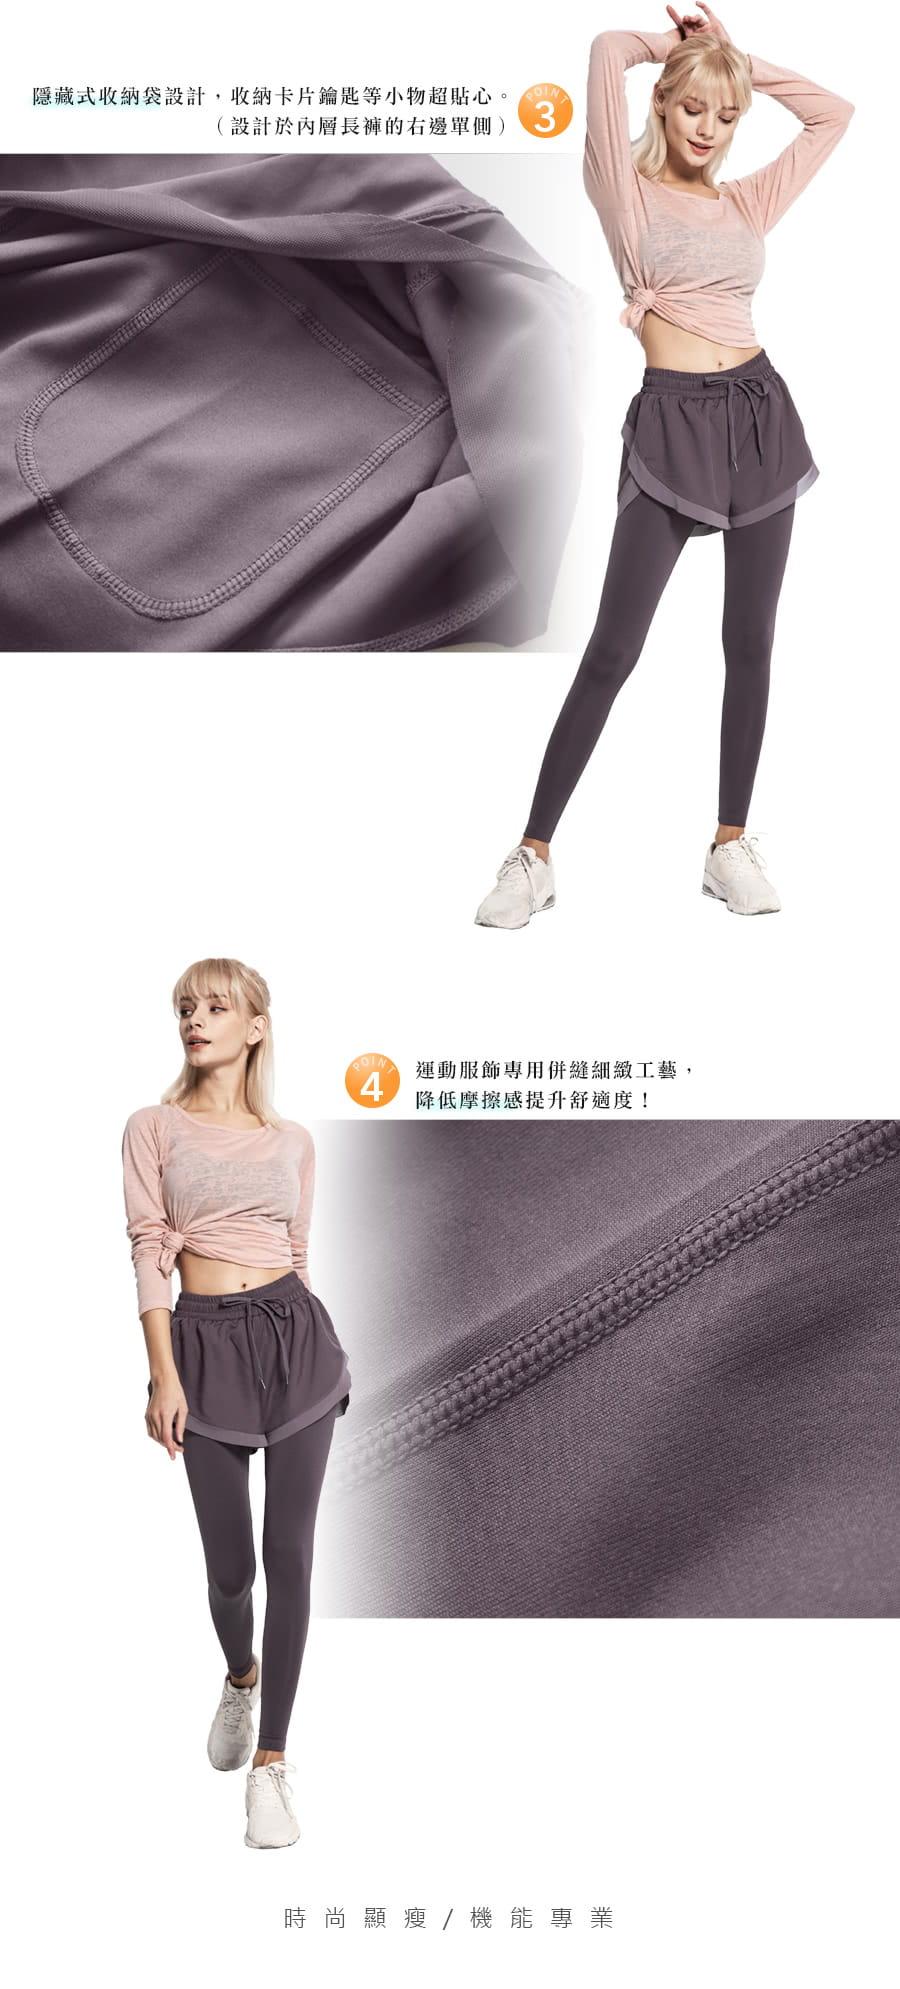 【Un-Sport 高機能】多款任選-異質拼接顯瘦假兩件長褲(瑜伽/健身/路跑) 6